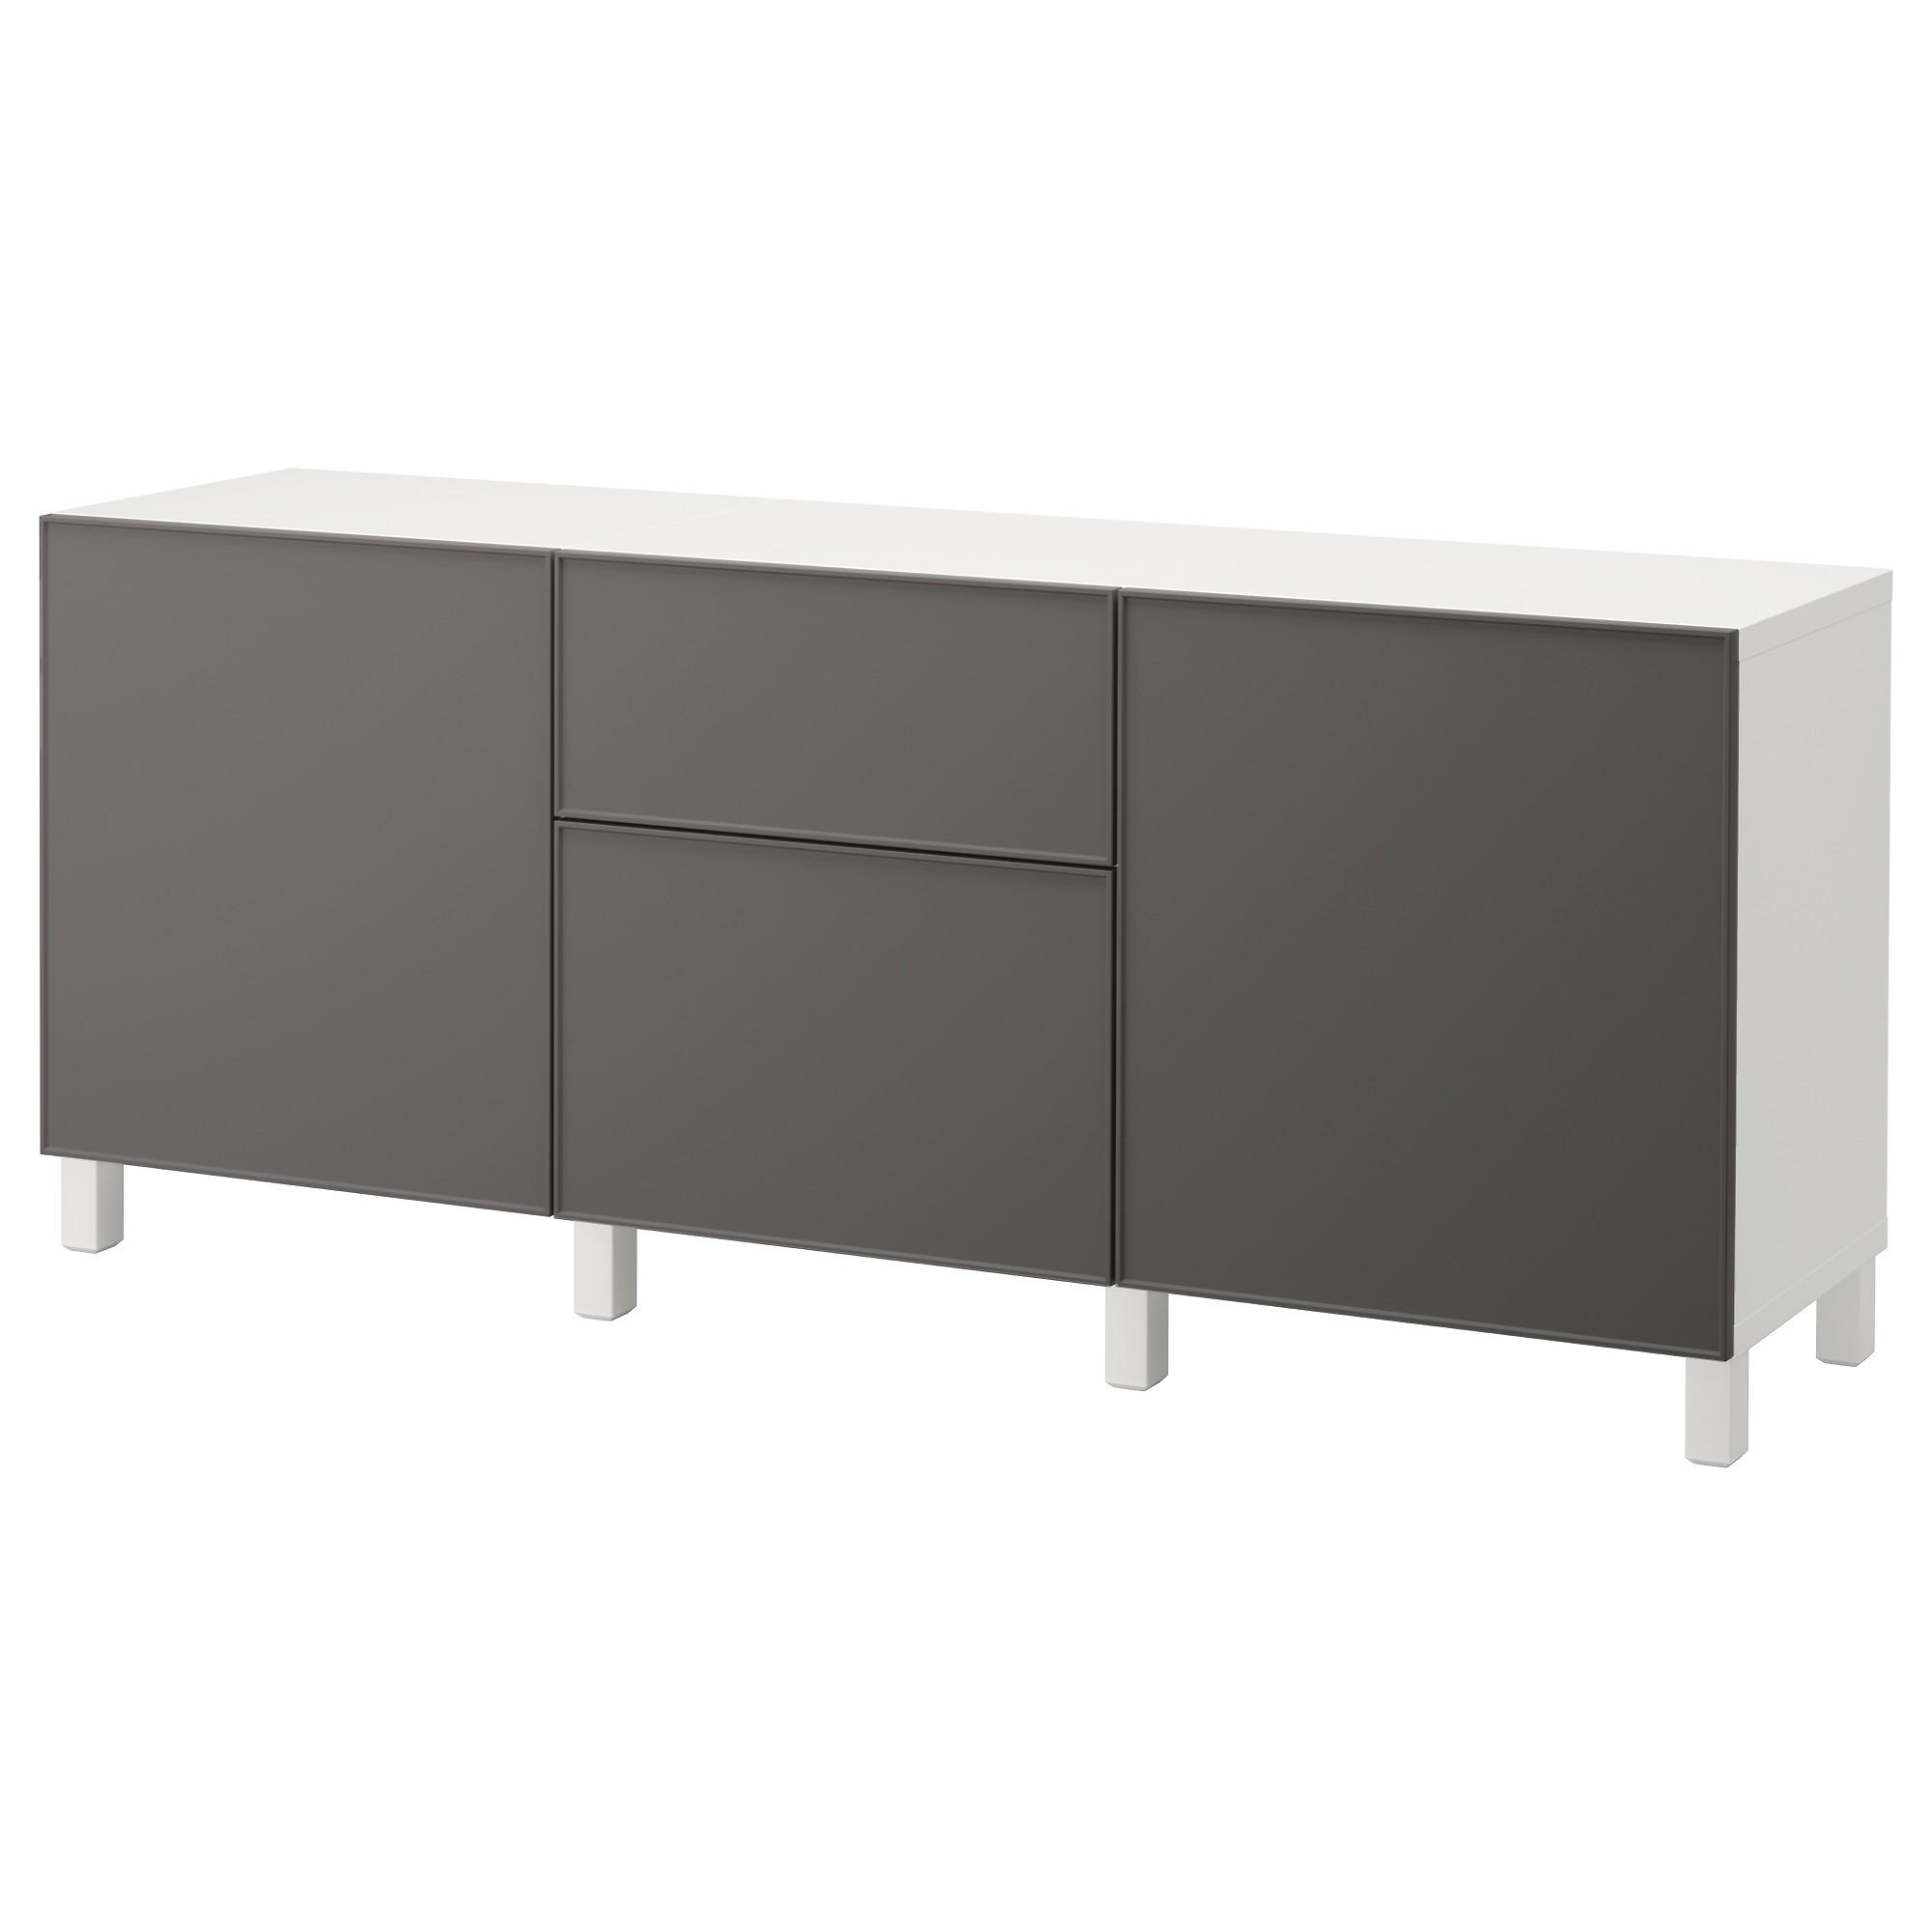 Комбинация для хранения с ящиками БЕСТО темно-серый артикуль № 392.494.67 в наличии. Интернет сайт IKEA РБ. Недорогая доставка и соборка.